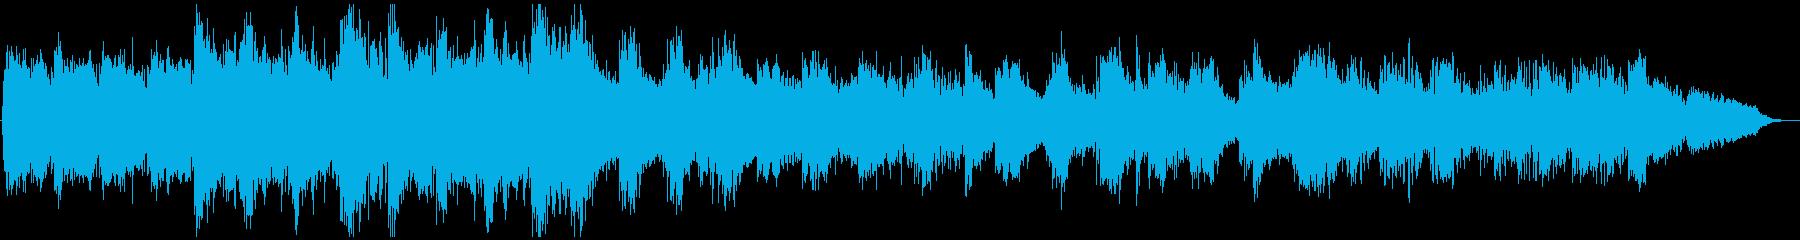 ドラム無 チルでアーバンなエレクトロの再生済みの波形